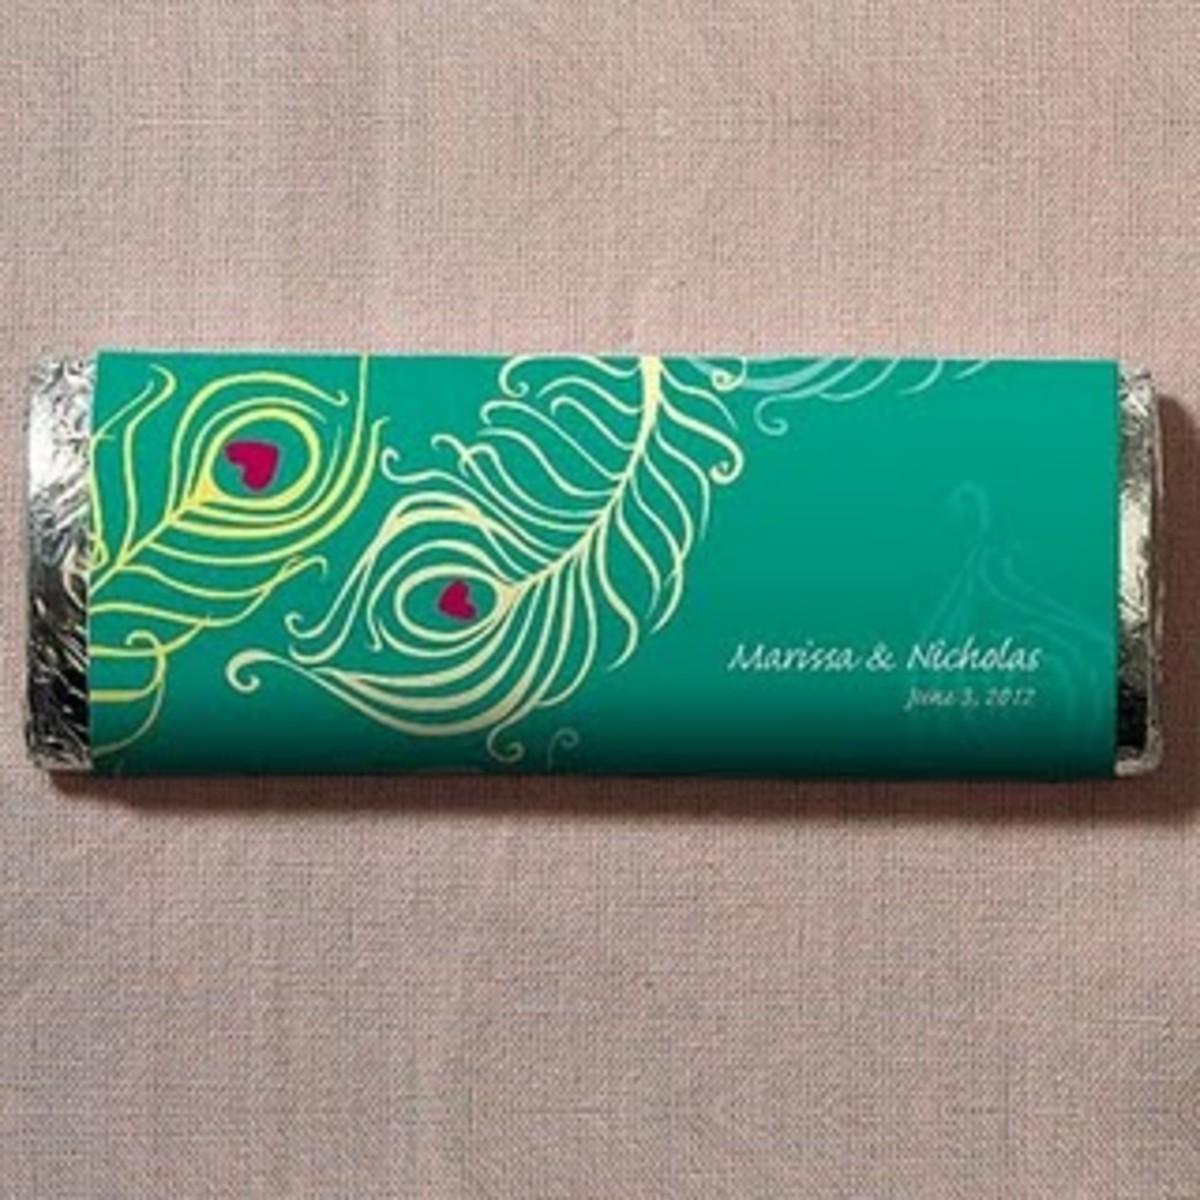 Edible Peacock Wedding Favors - Peacock Chocolate Bar